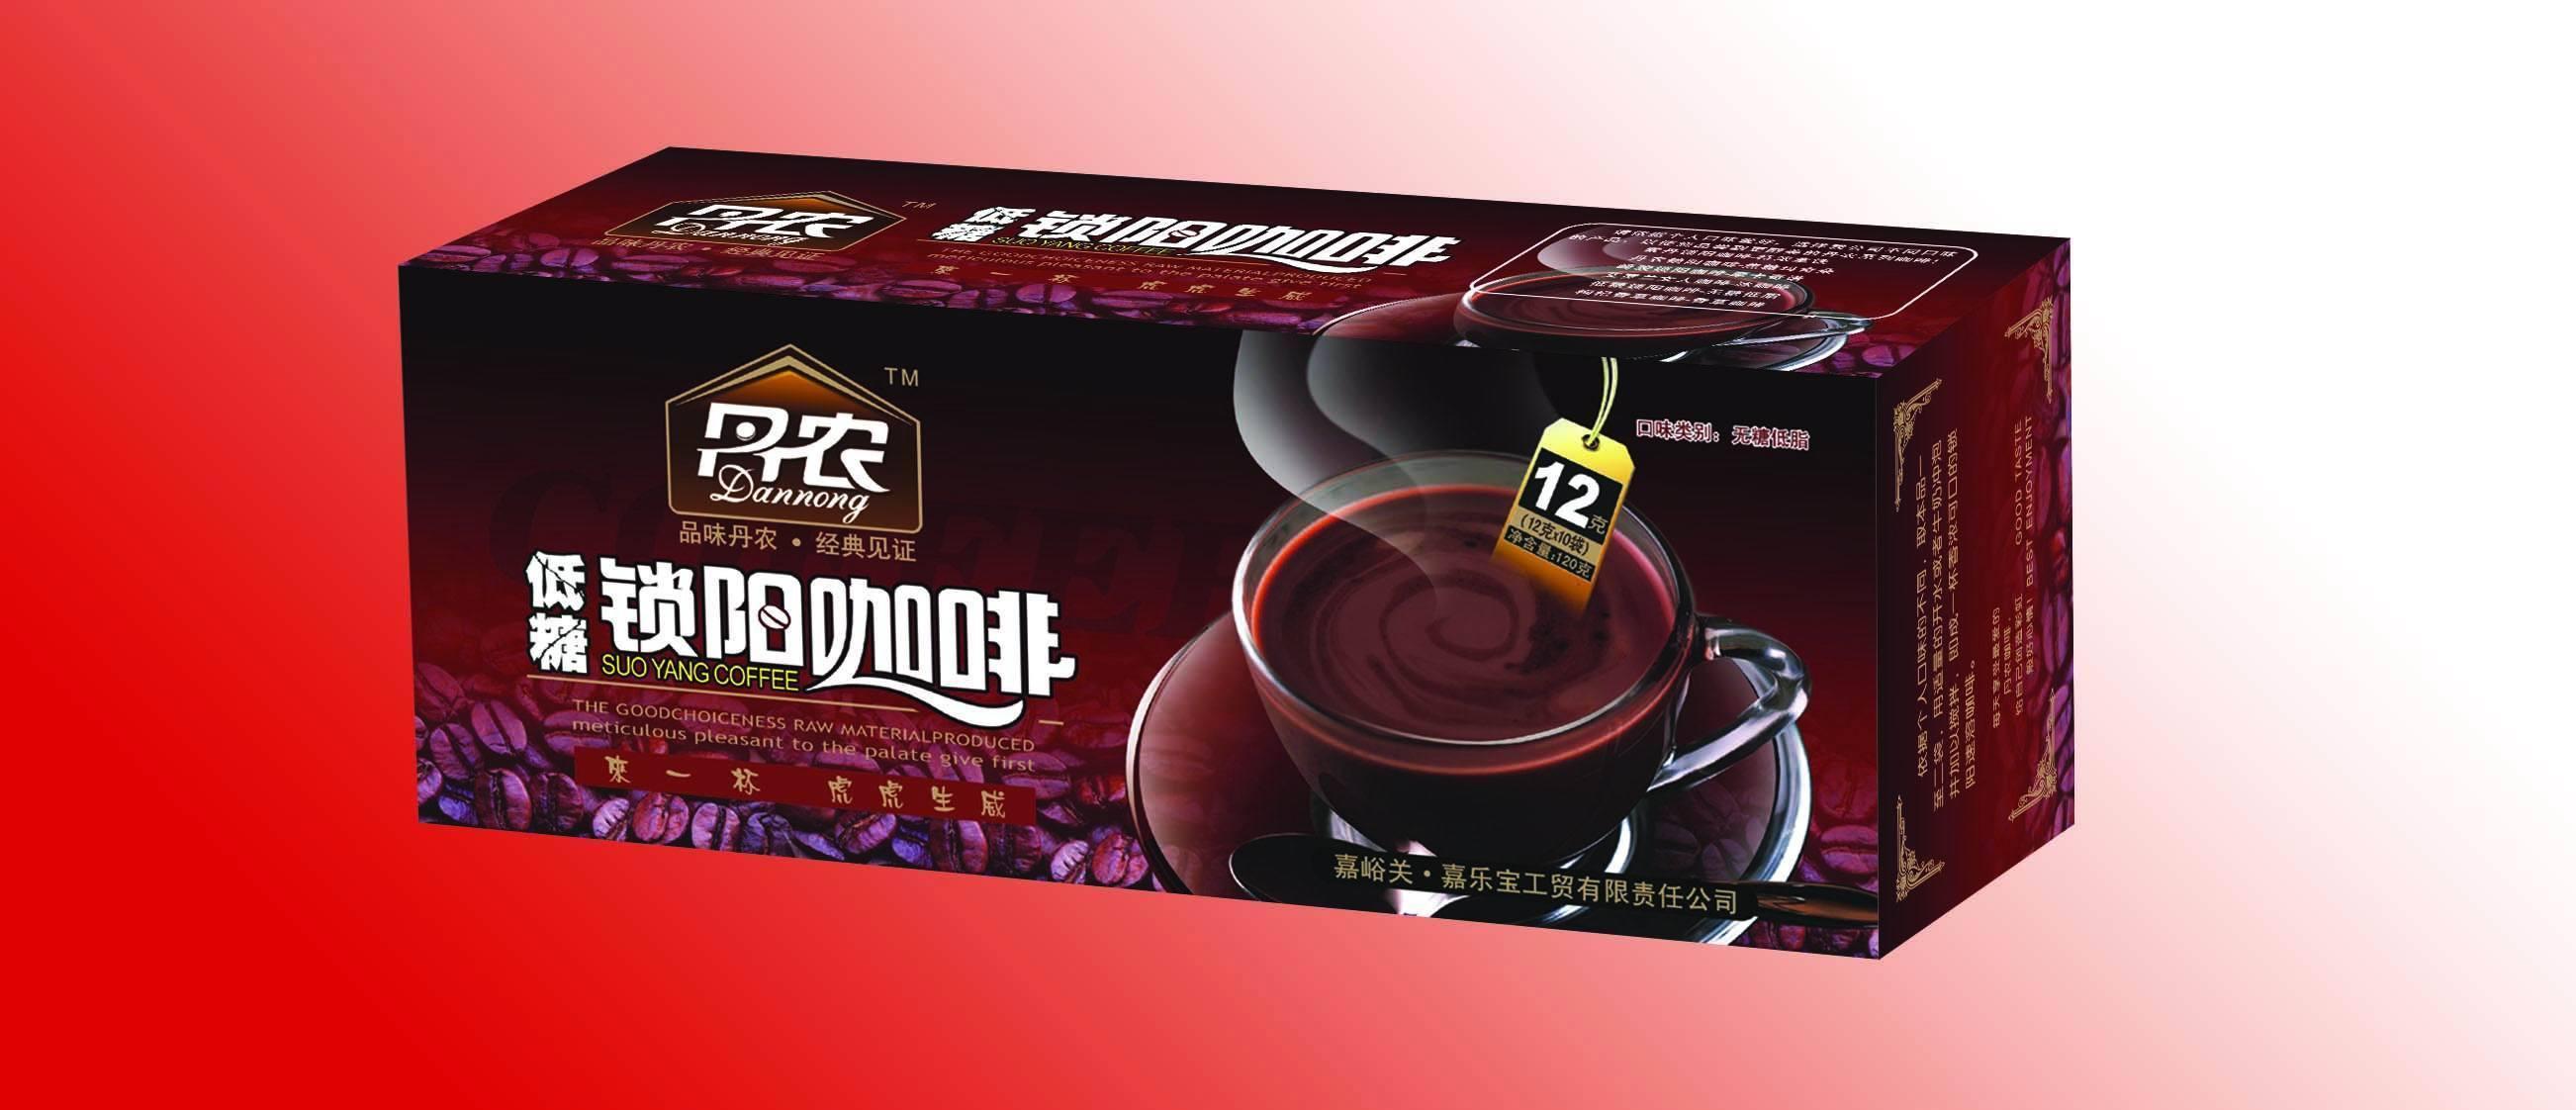 锁阳咖啡哪个品牌好_锁阳咖啡_锁阳咖啡多少钱一盒